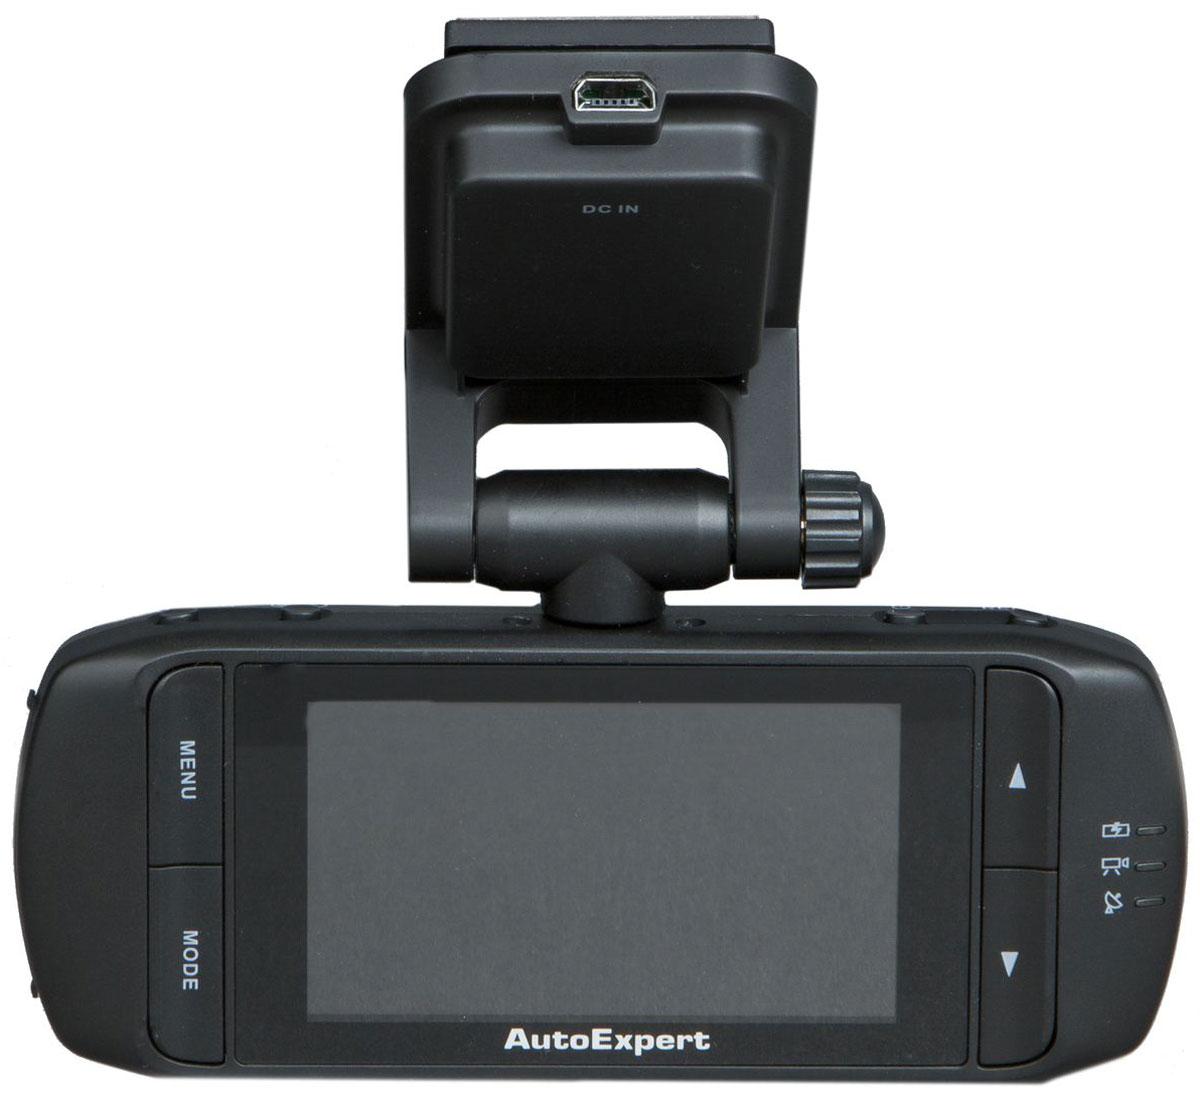 цена на AutoExpert DVR 810, Black автомобильный видеорегистратор